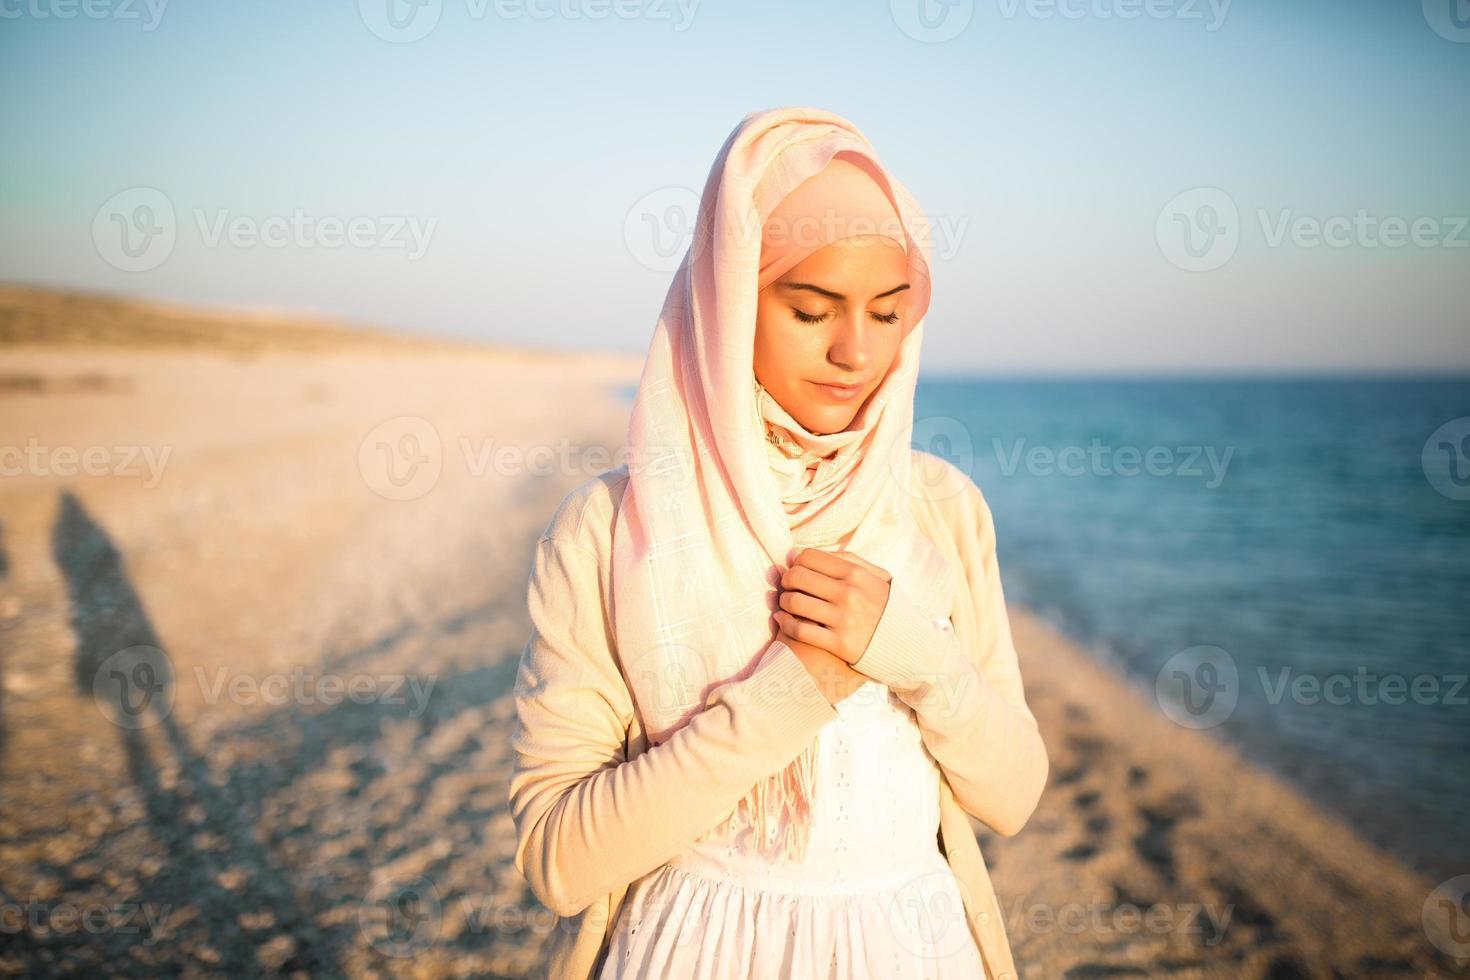 ödmjuk muslimsk kvinna som ber på stranden. spirituell religiös kvinna foto